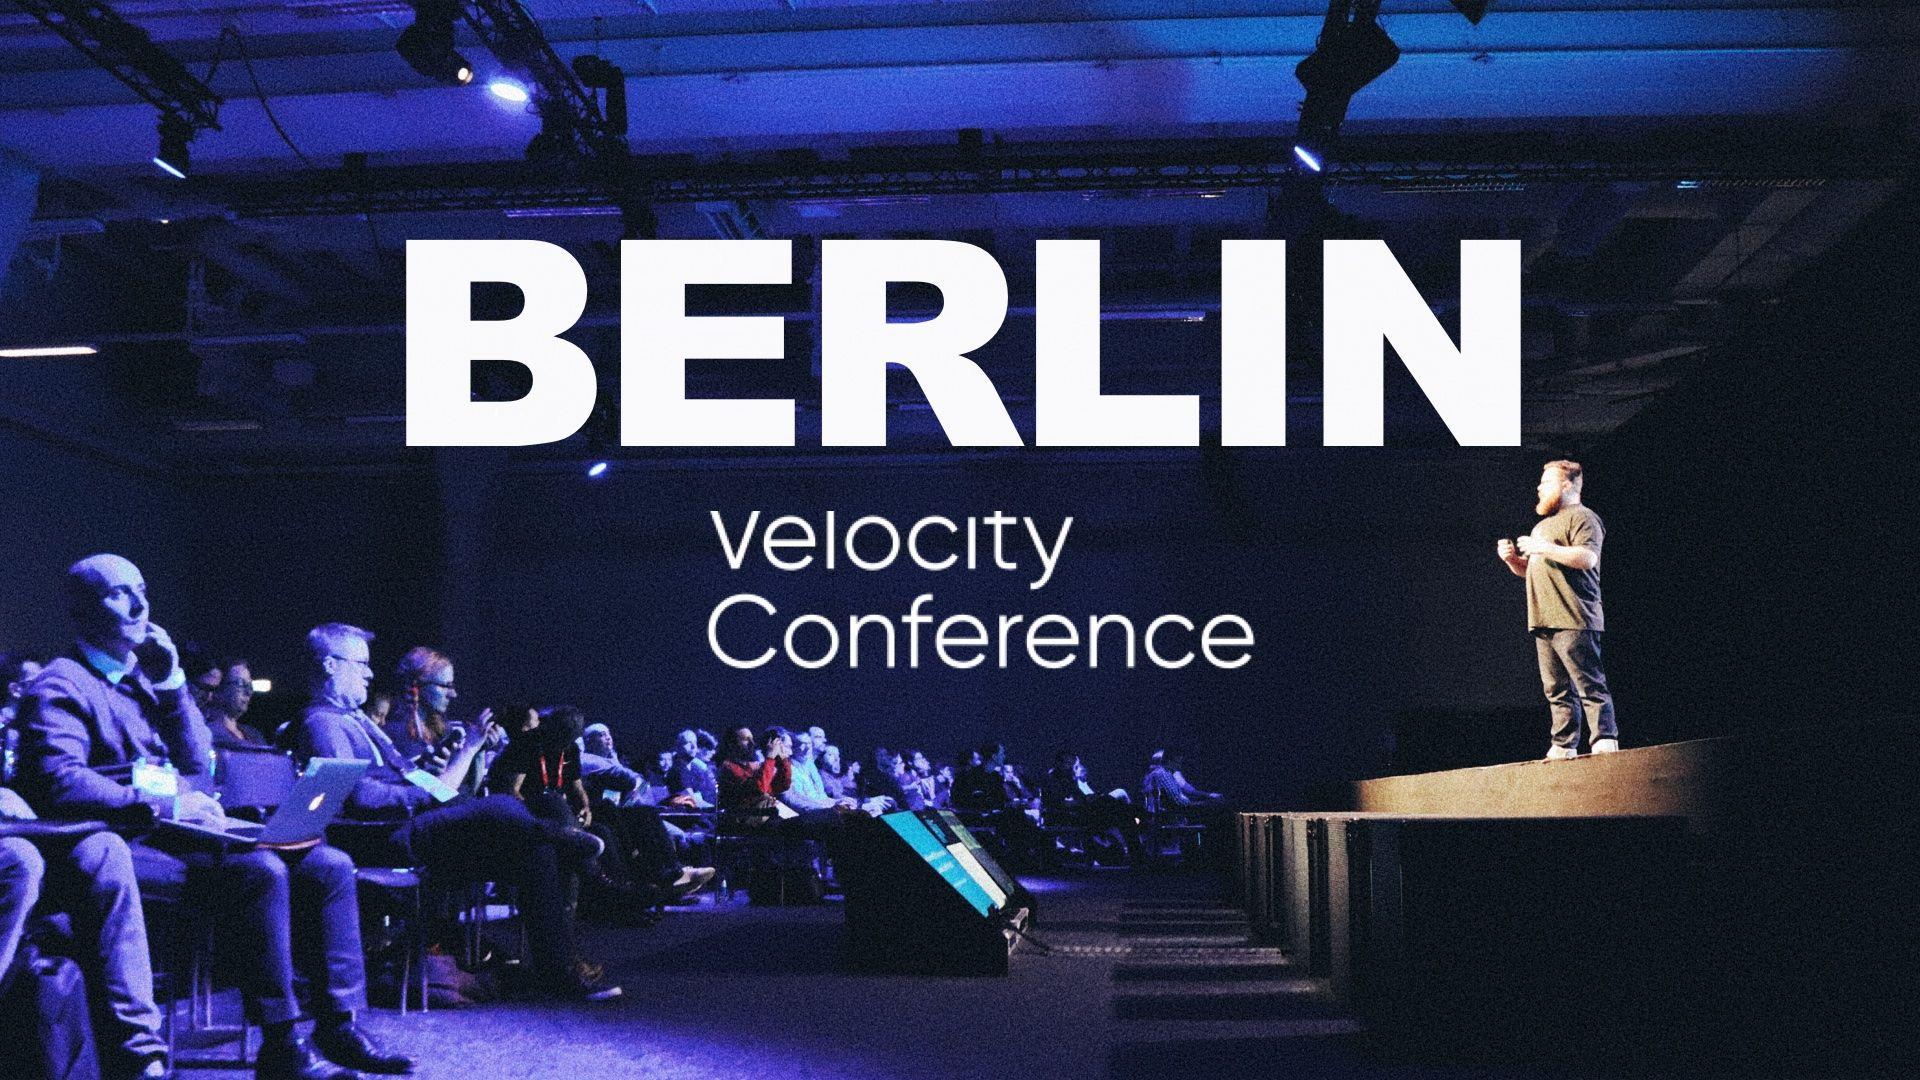 O'Reilly Velocity Conference 2019 v Berlíne | VLOG #66